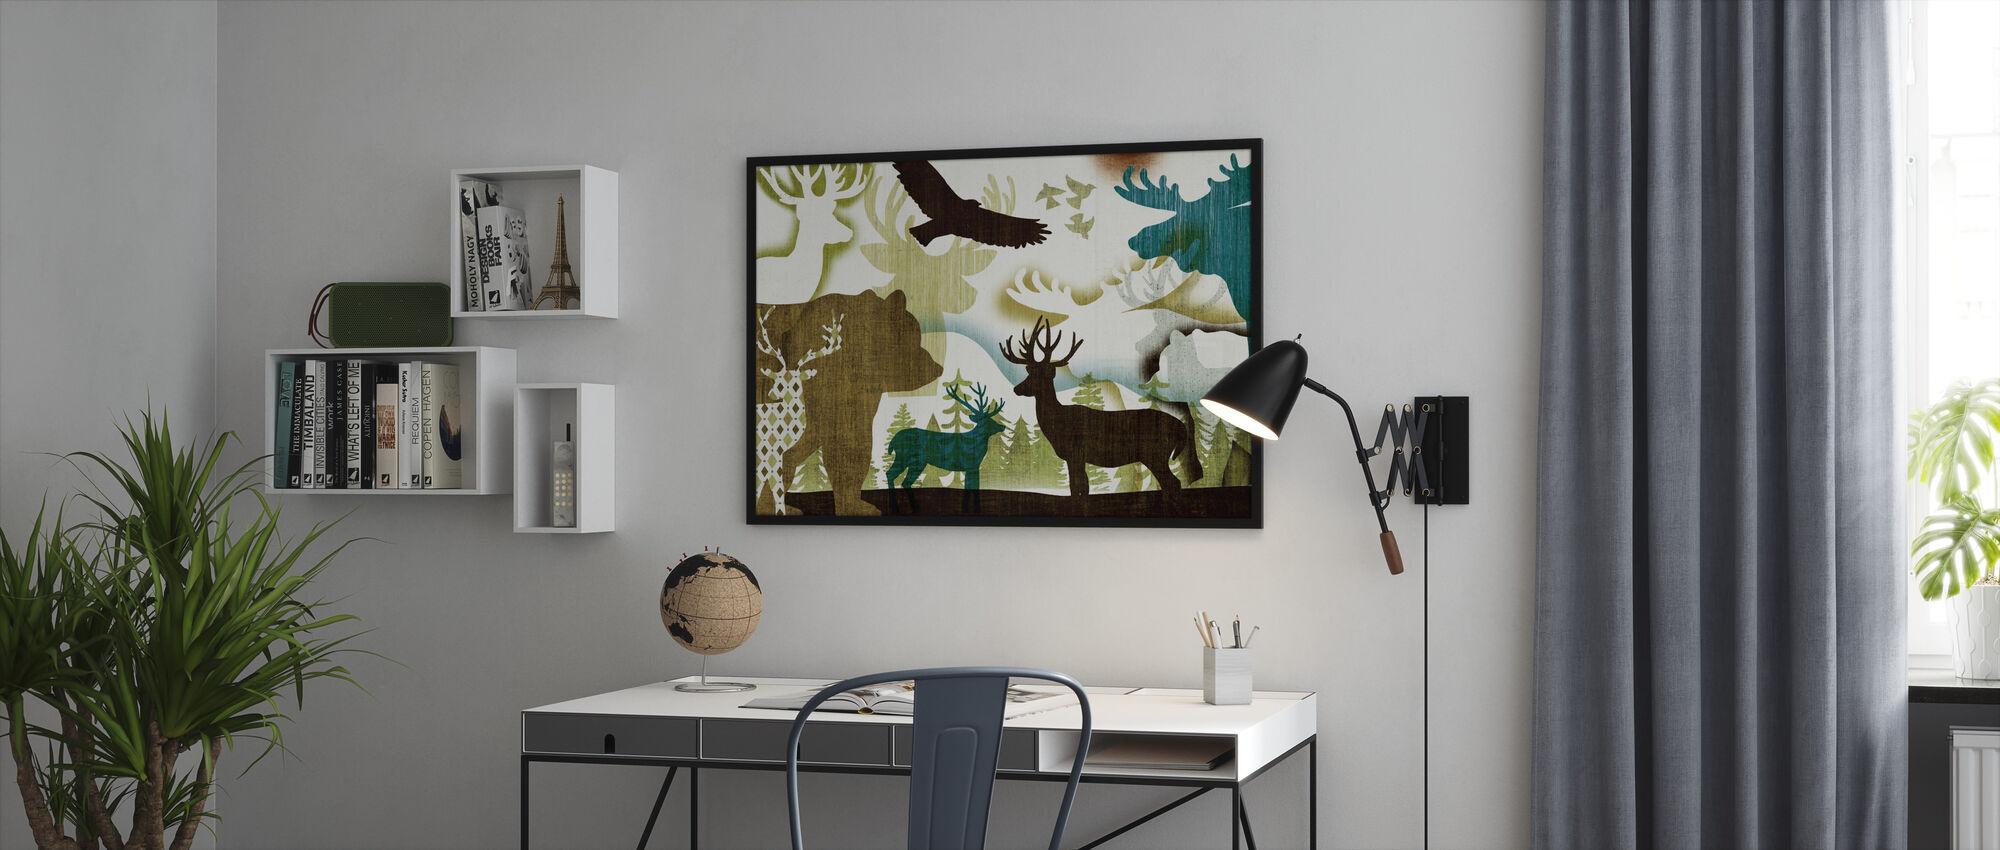 Dweller Collage I - Framed print - Office